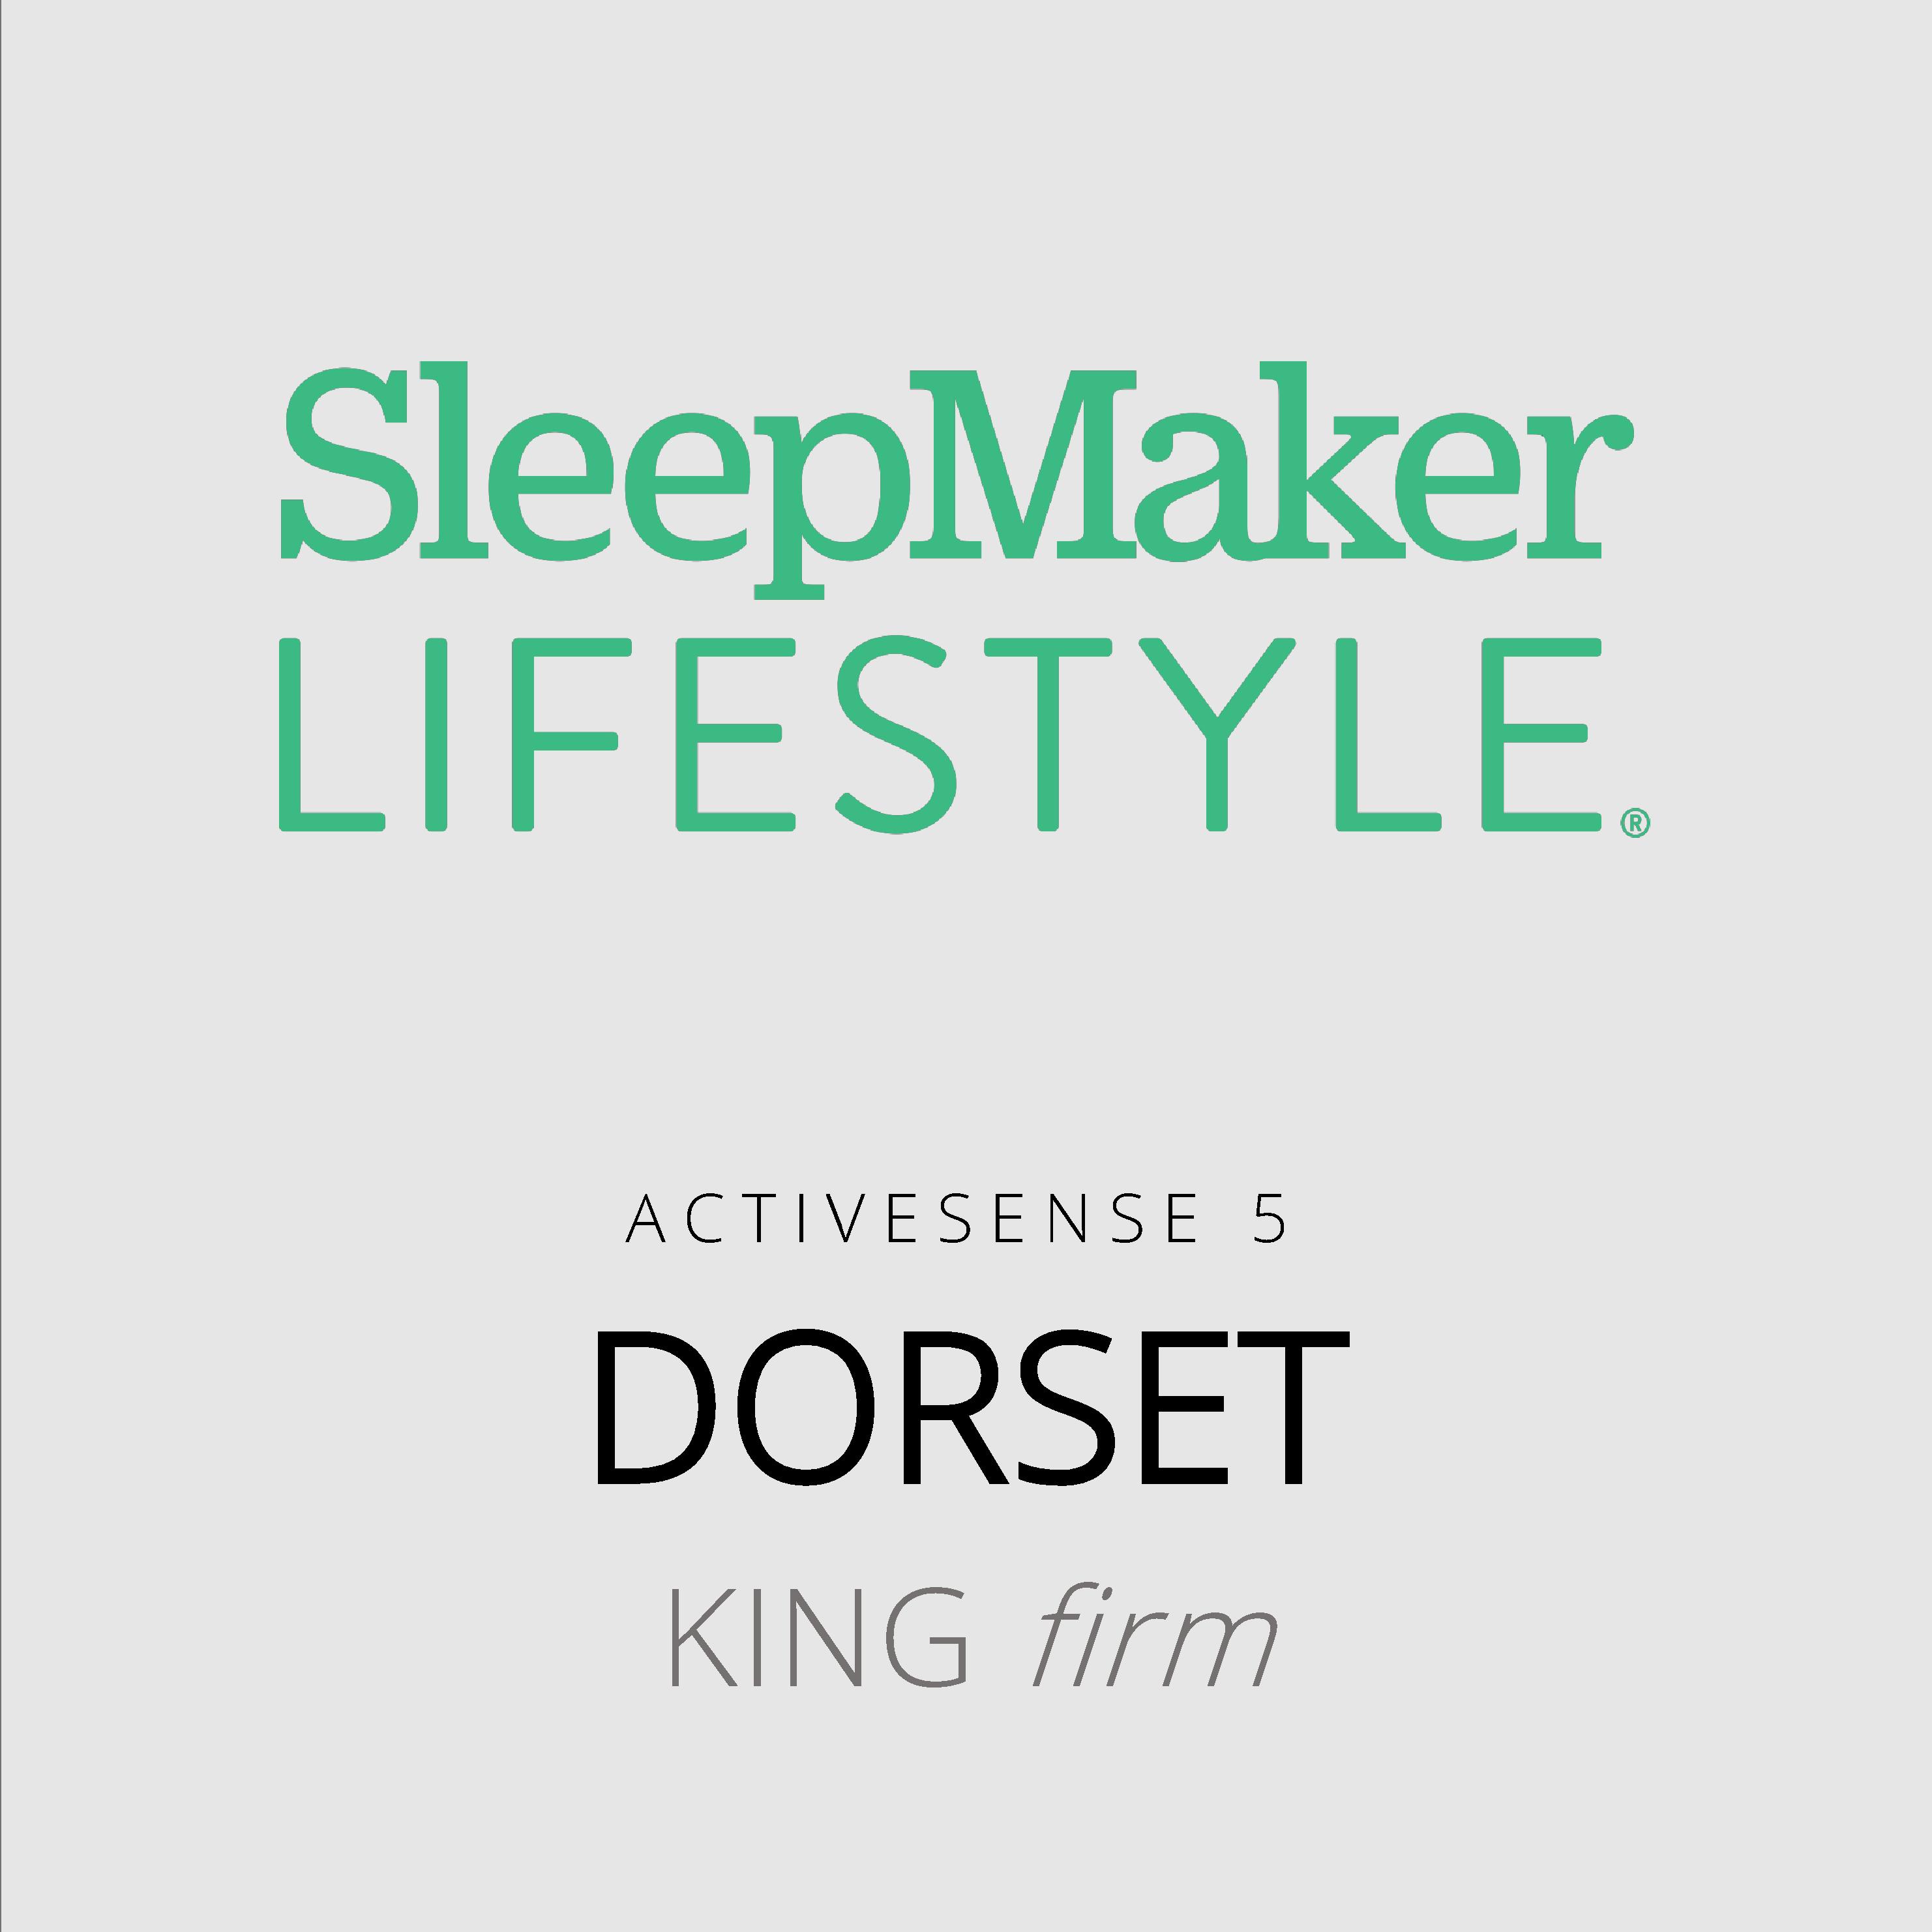 SleepMaker Lifestyle – Dorset – ActiveSense 5 – King Firm Mattress